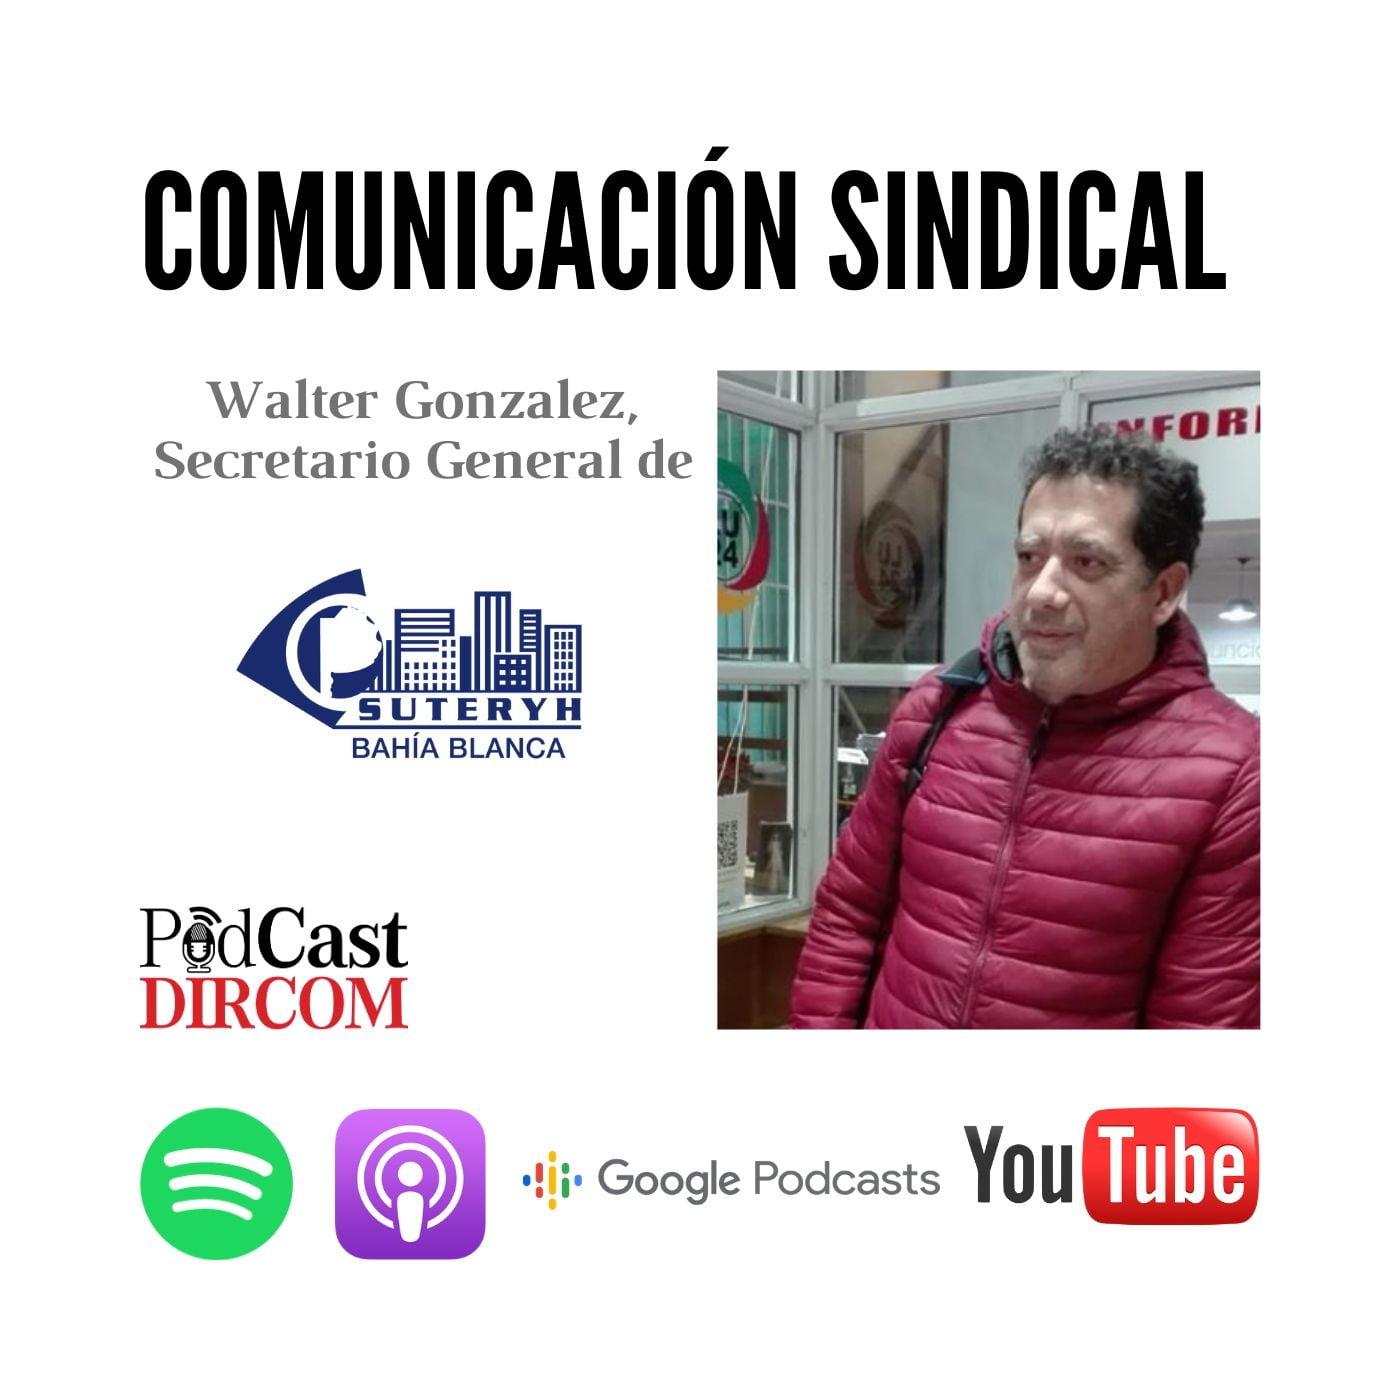 Comunicación Sindical Suteryh Walter Gonzalez